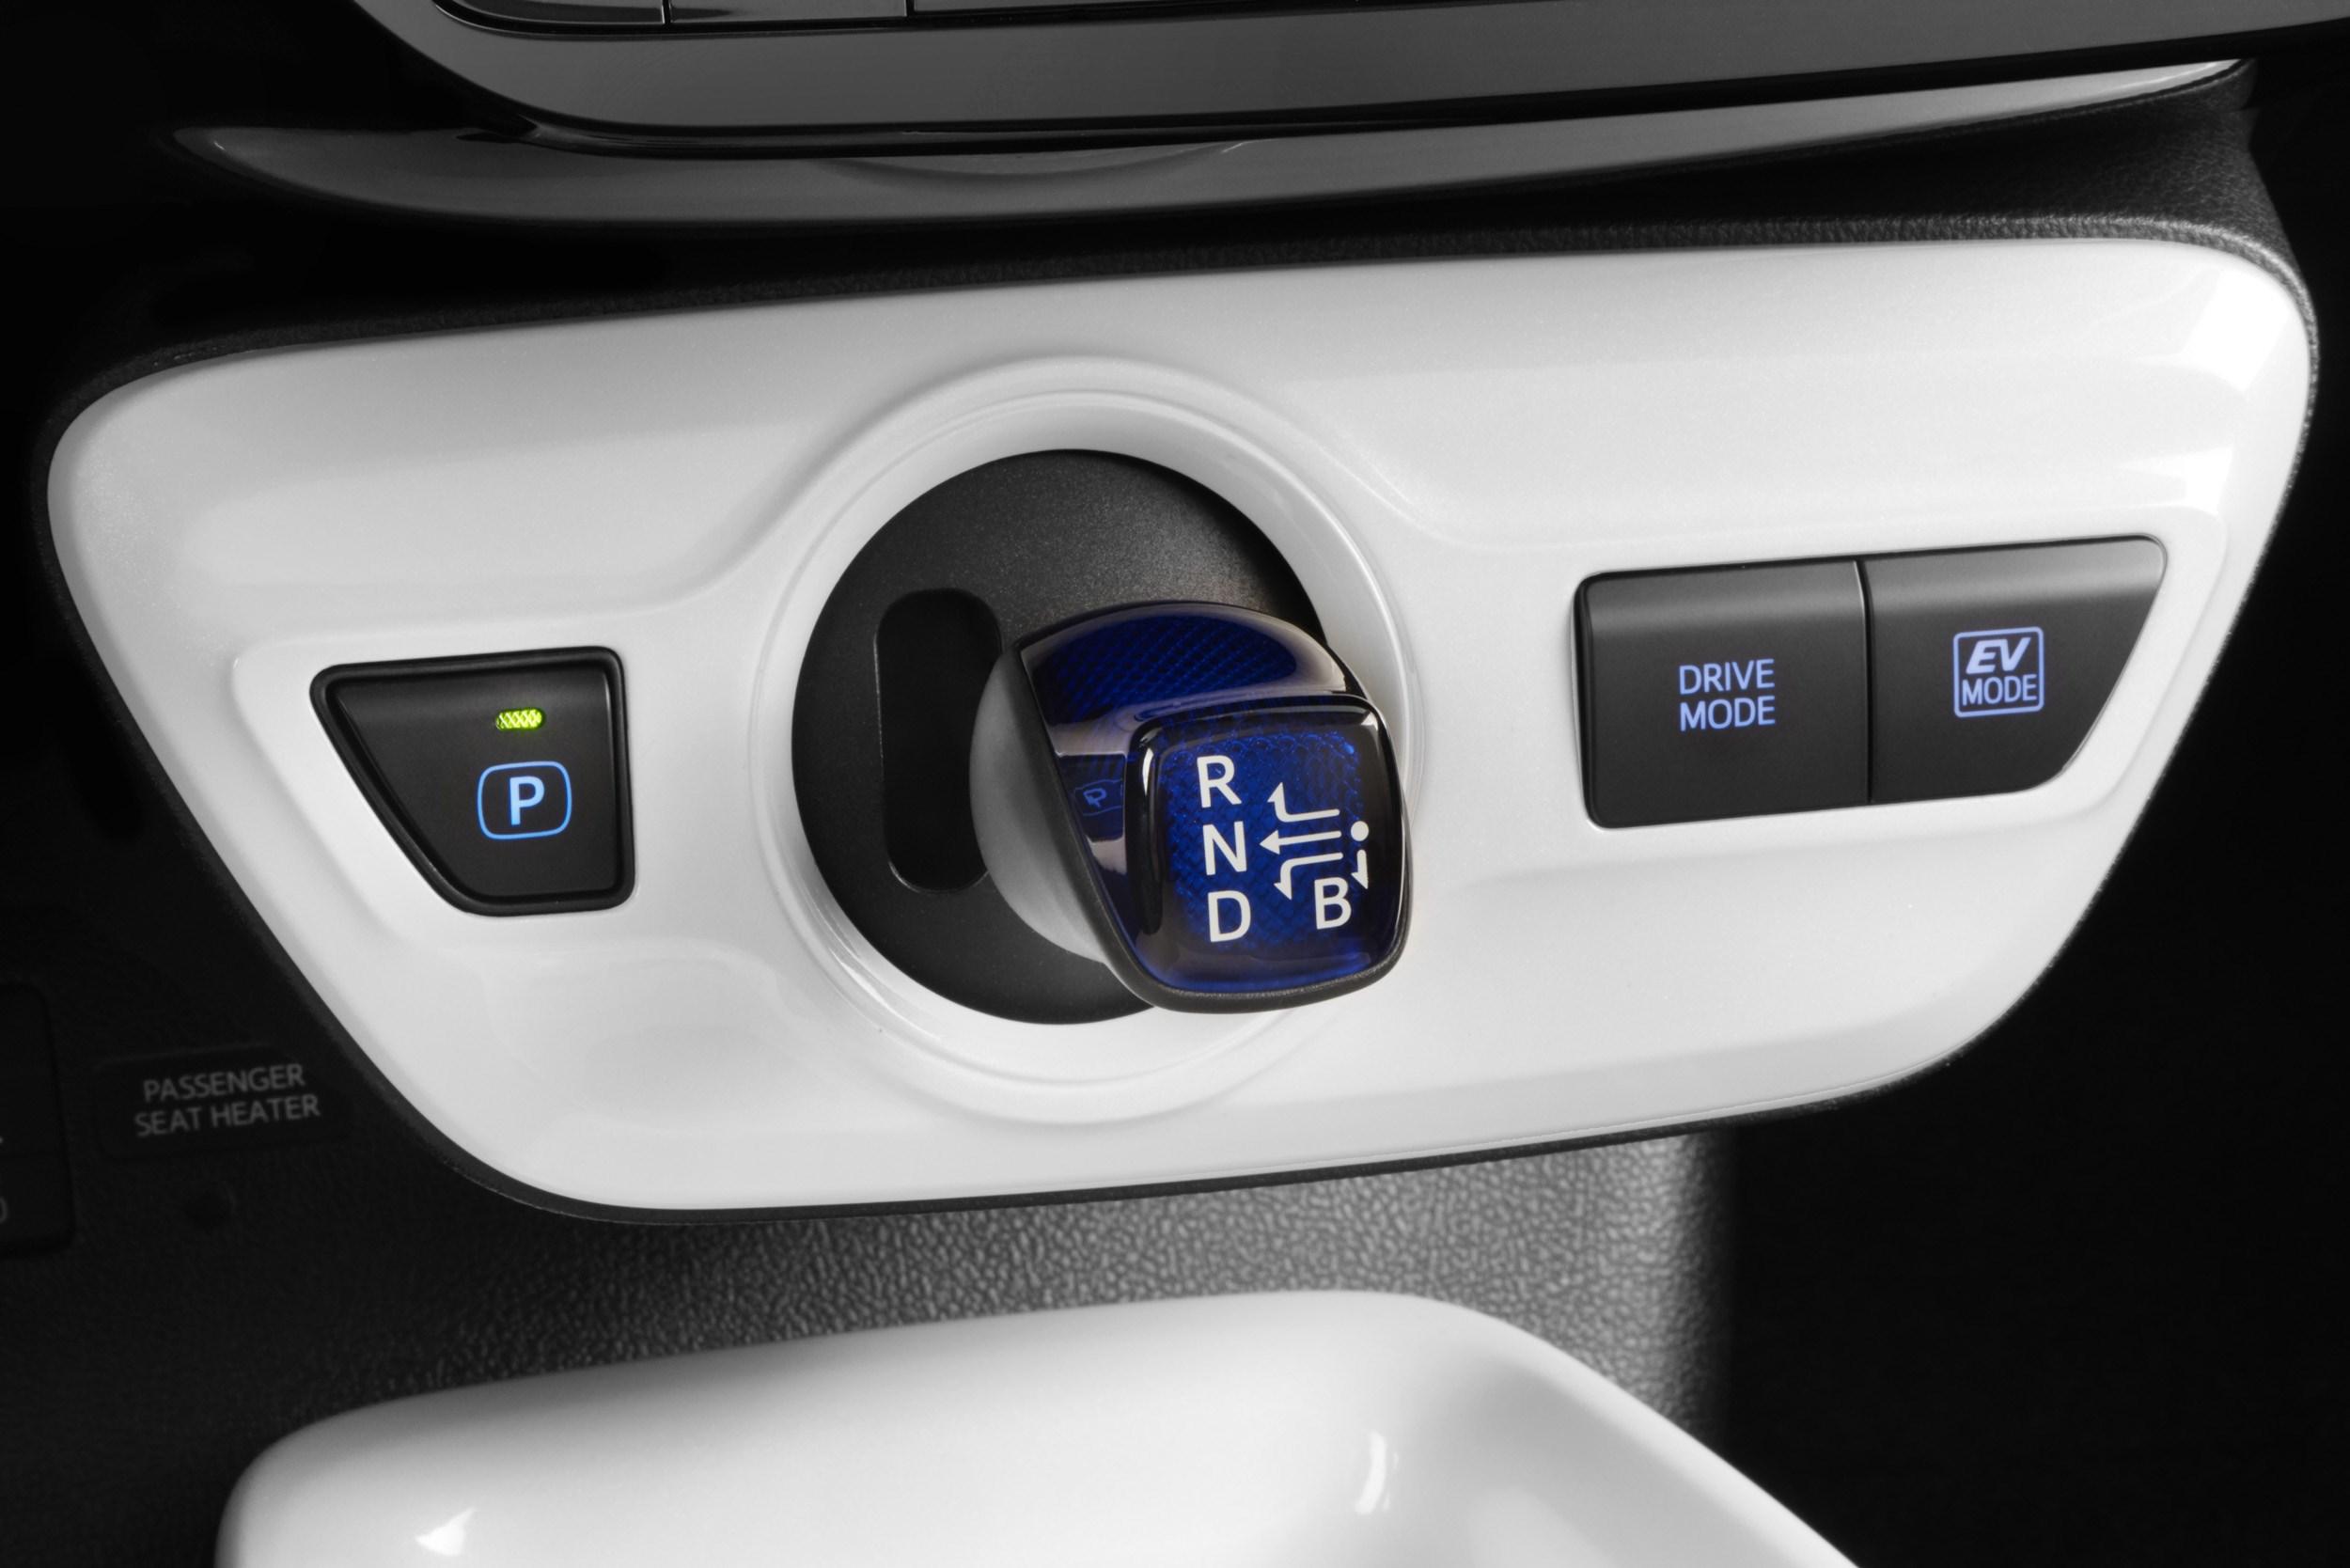 トヨタ、新型プリウスを世界初披露、大胆に変化したスタイリング